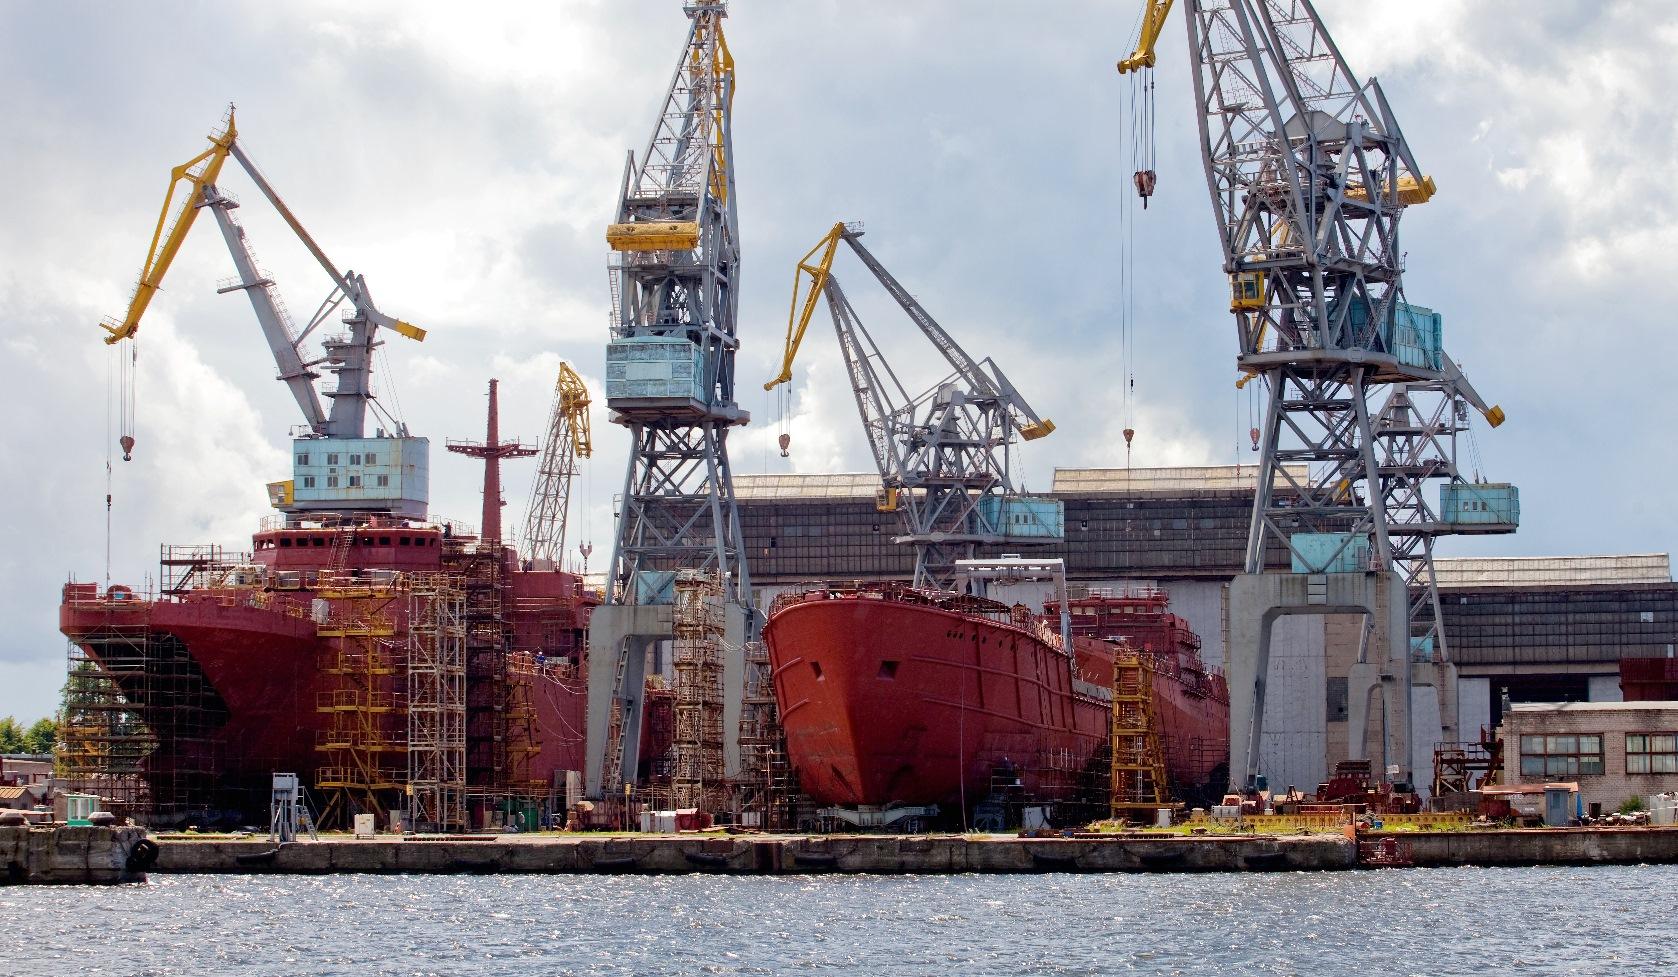 На активной стадии работы по реконструкции достроечной набережной судостроительного завода «Янтарь»